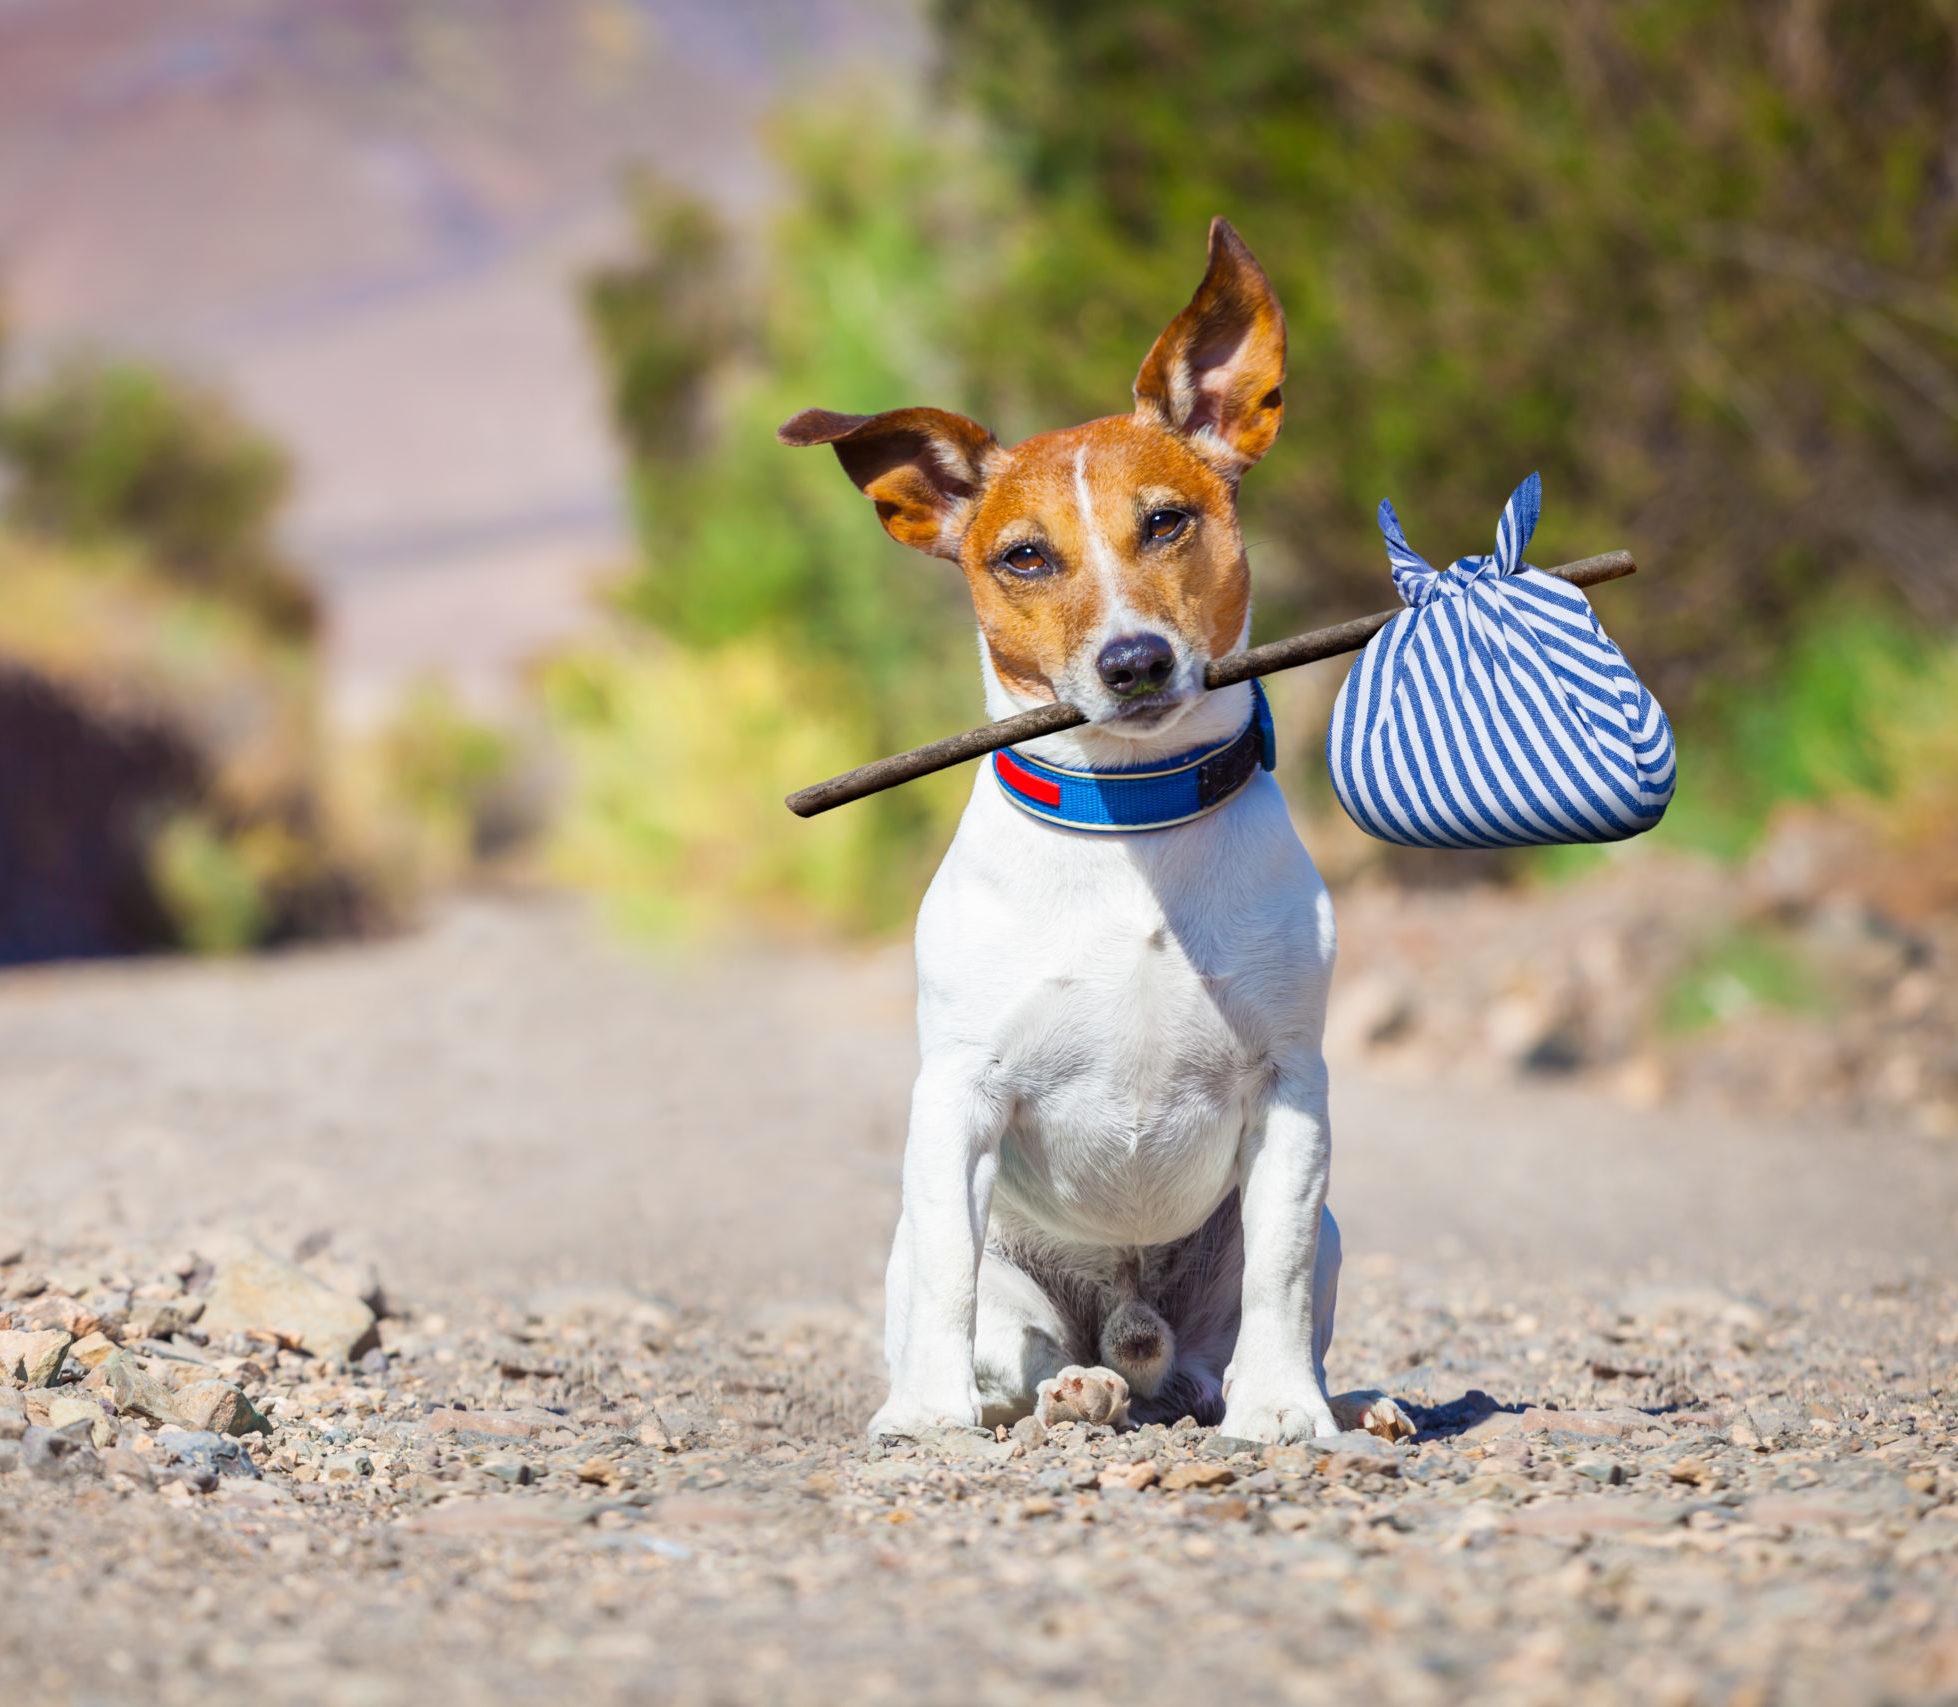 Perros abandonados encuentran hogar en Canadá: The Dog-Go Project lo hace posible